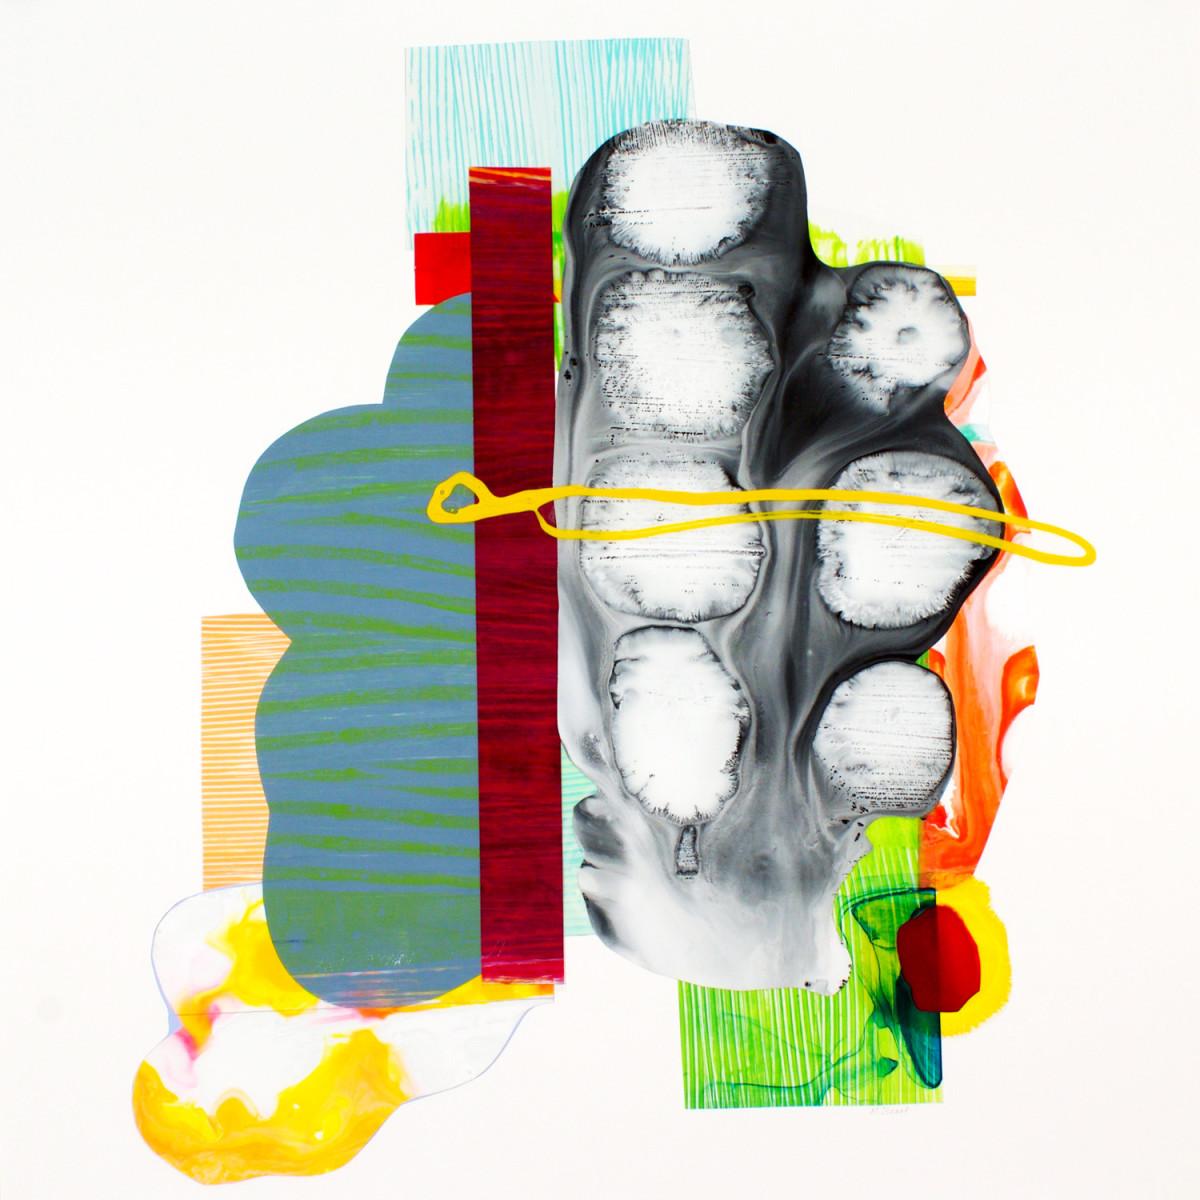 Funkalicious by Mary Zeran